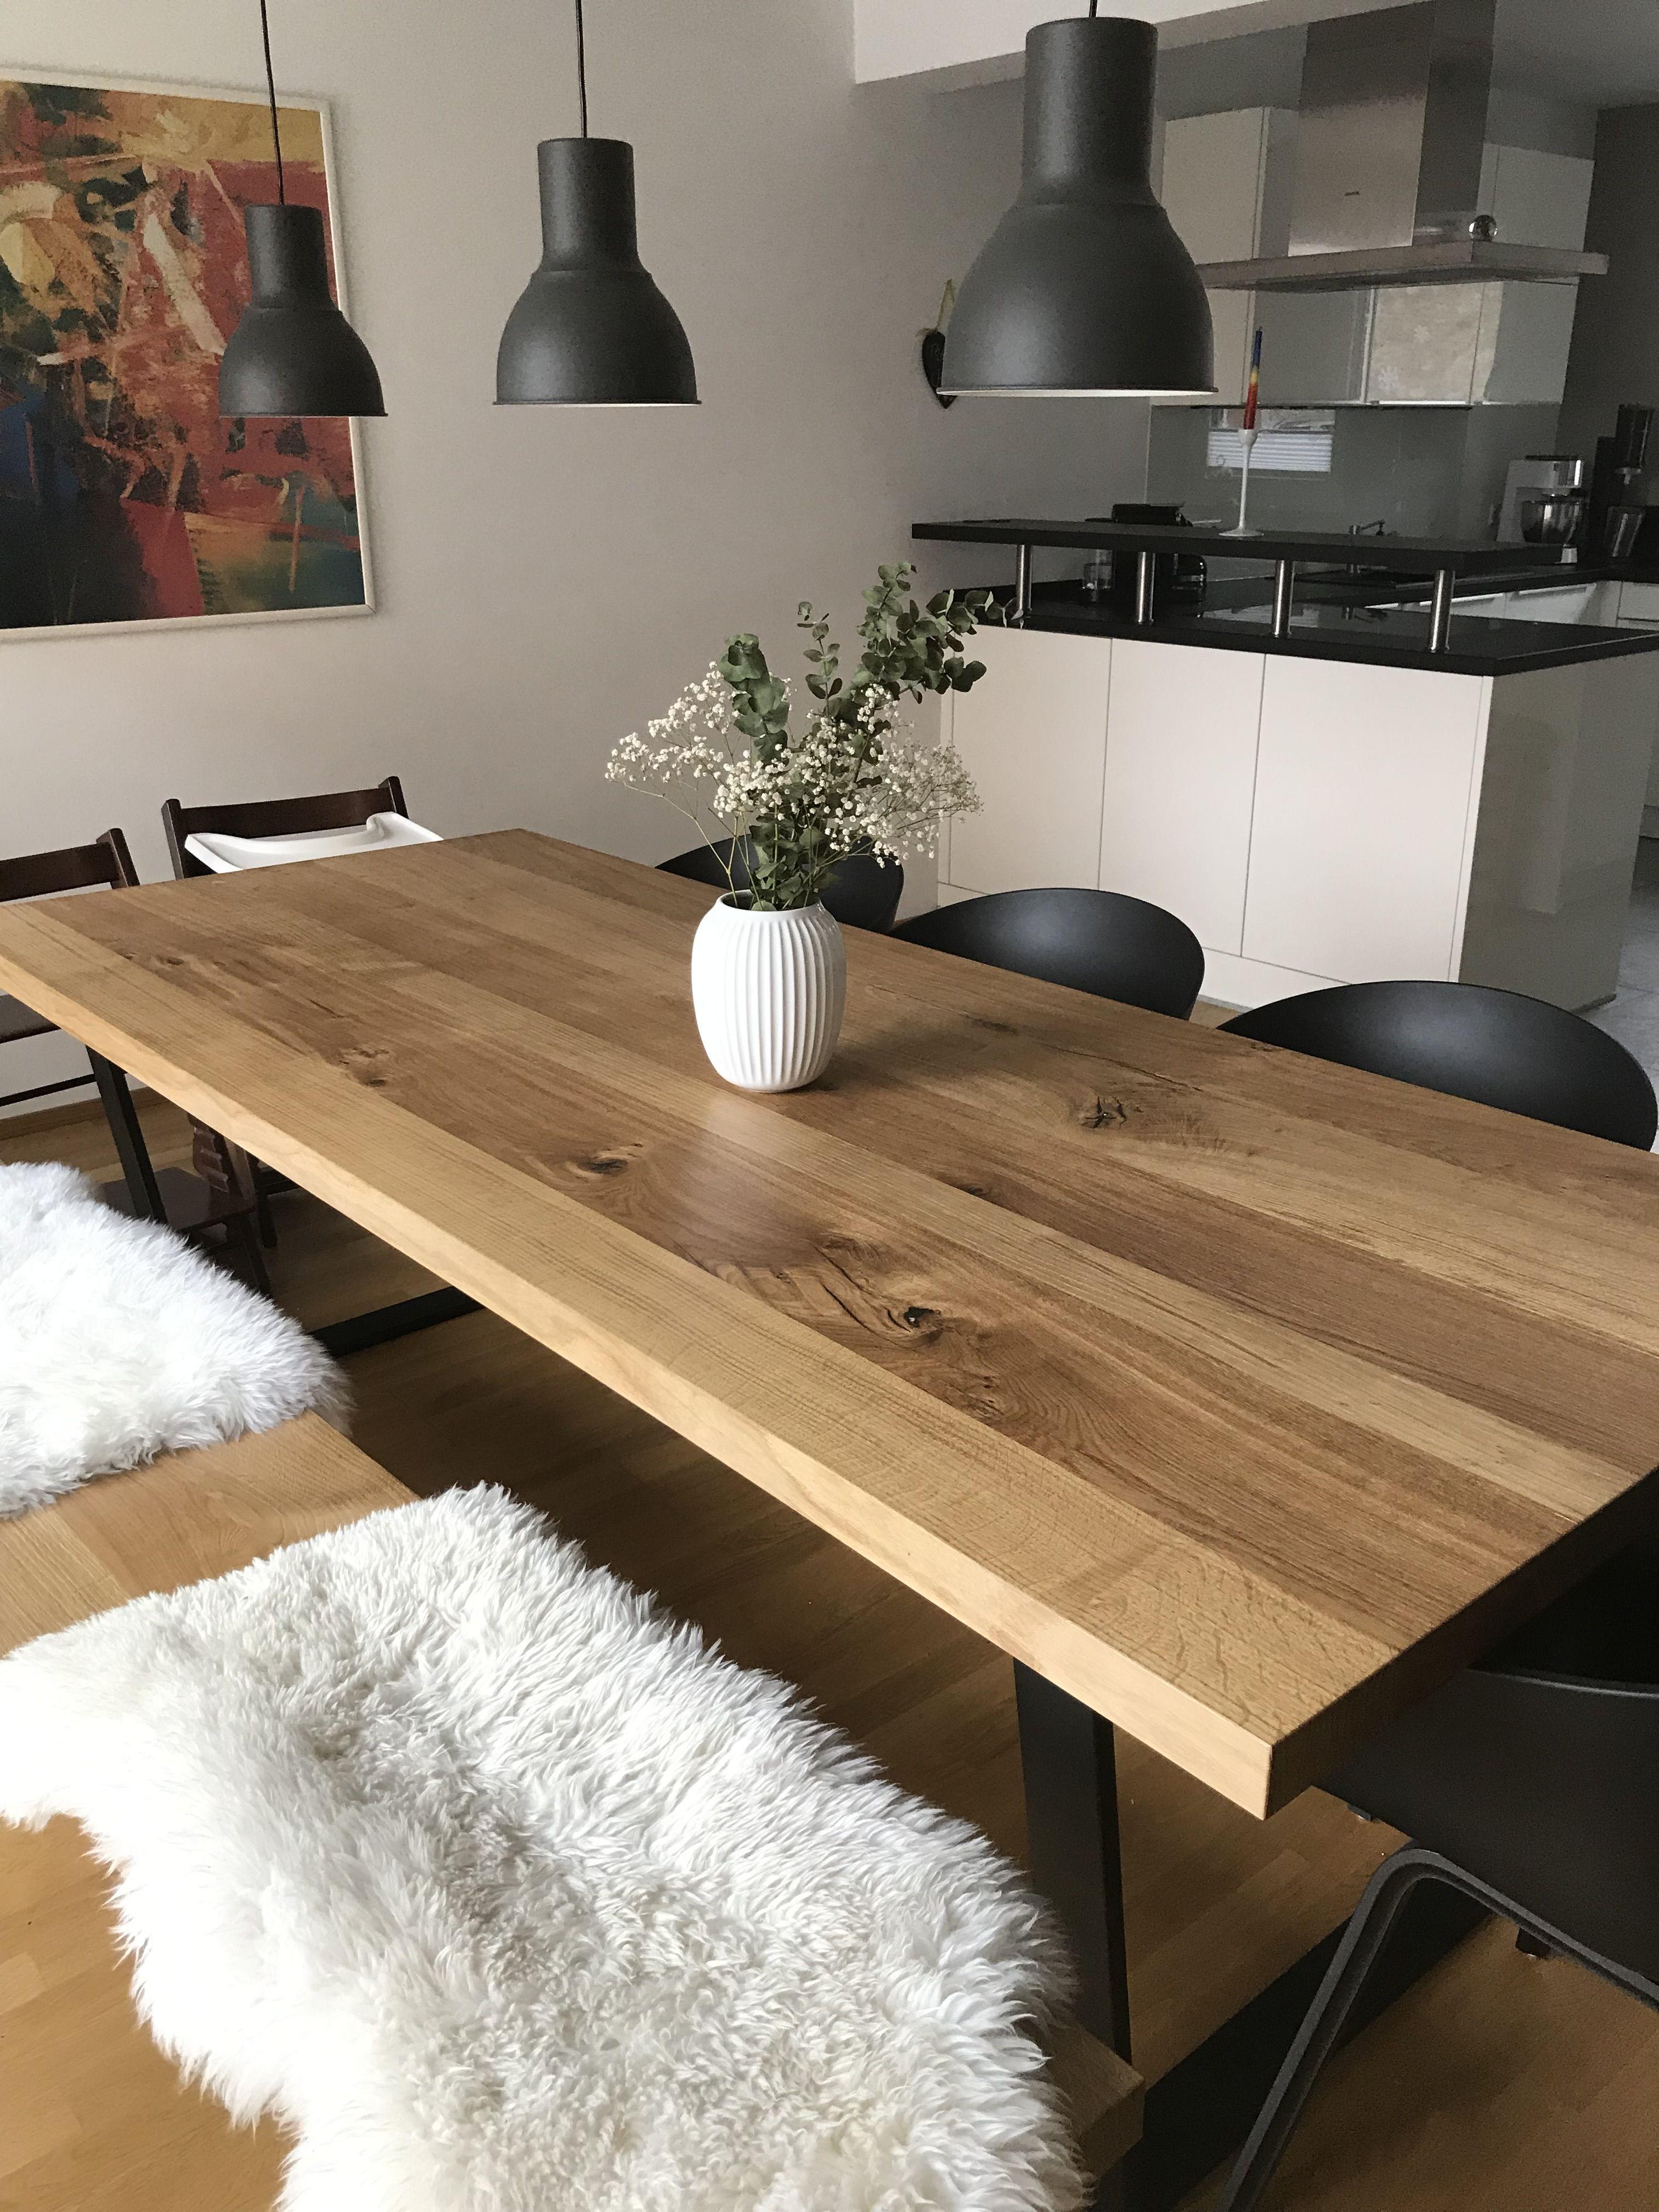 Eiche Tisch rustikal | Haus deko, Esstisch, Bistrotisch